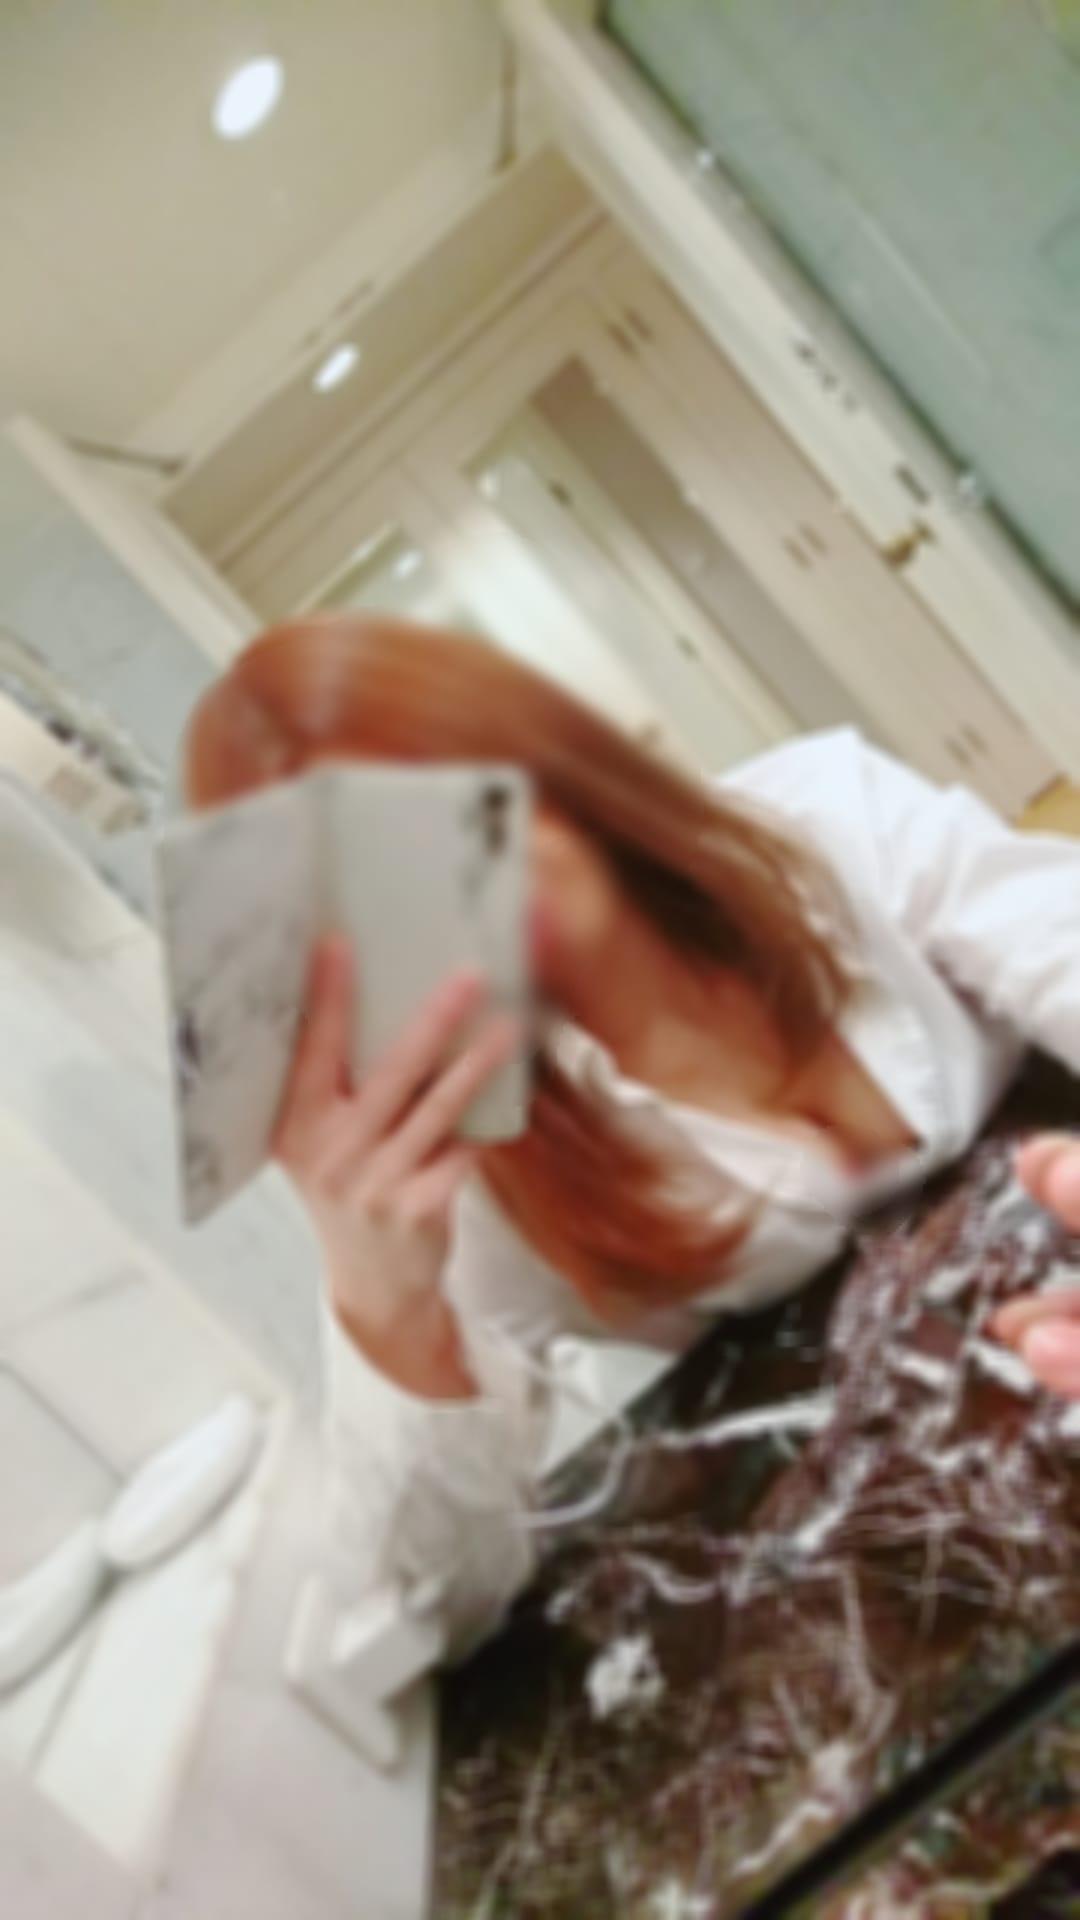 「撮影終了~」10/30(10/30) 22:06 | 優樹菜の写メ・風俗動画